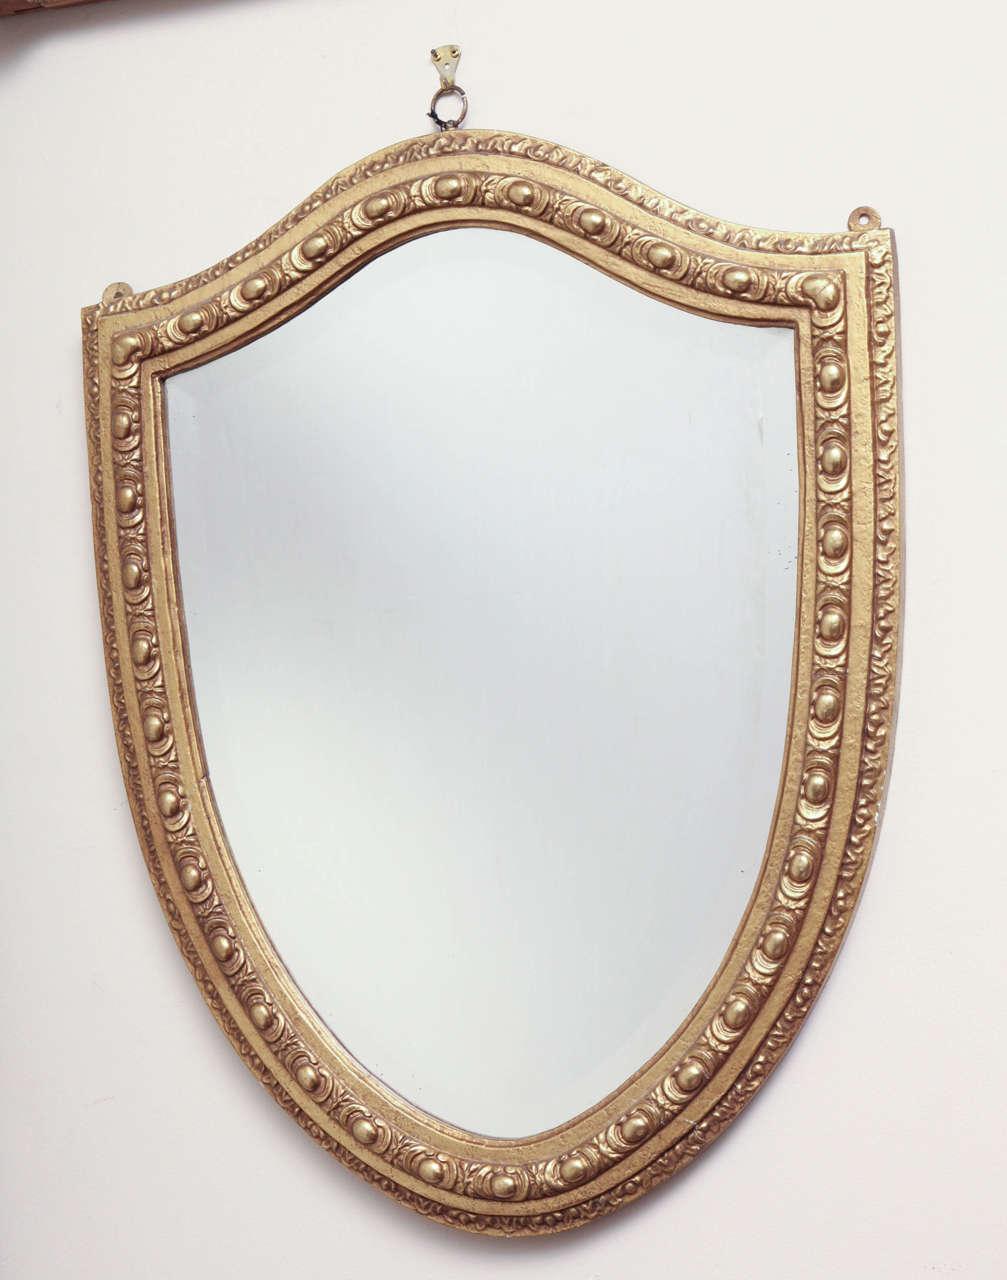 English, Shield-Shaped, Beveled Edge, Gilded Frame Mirror